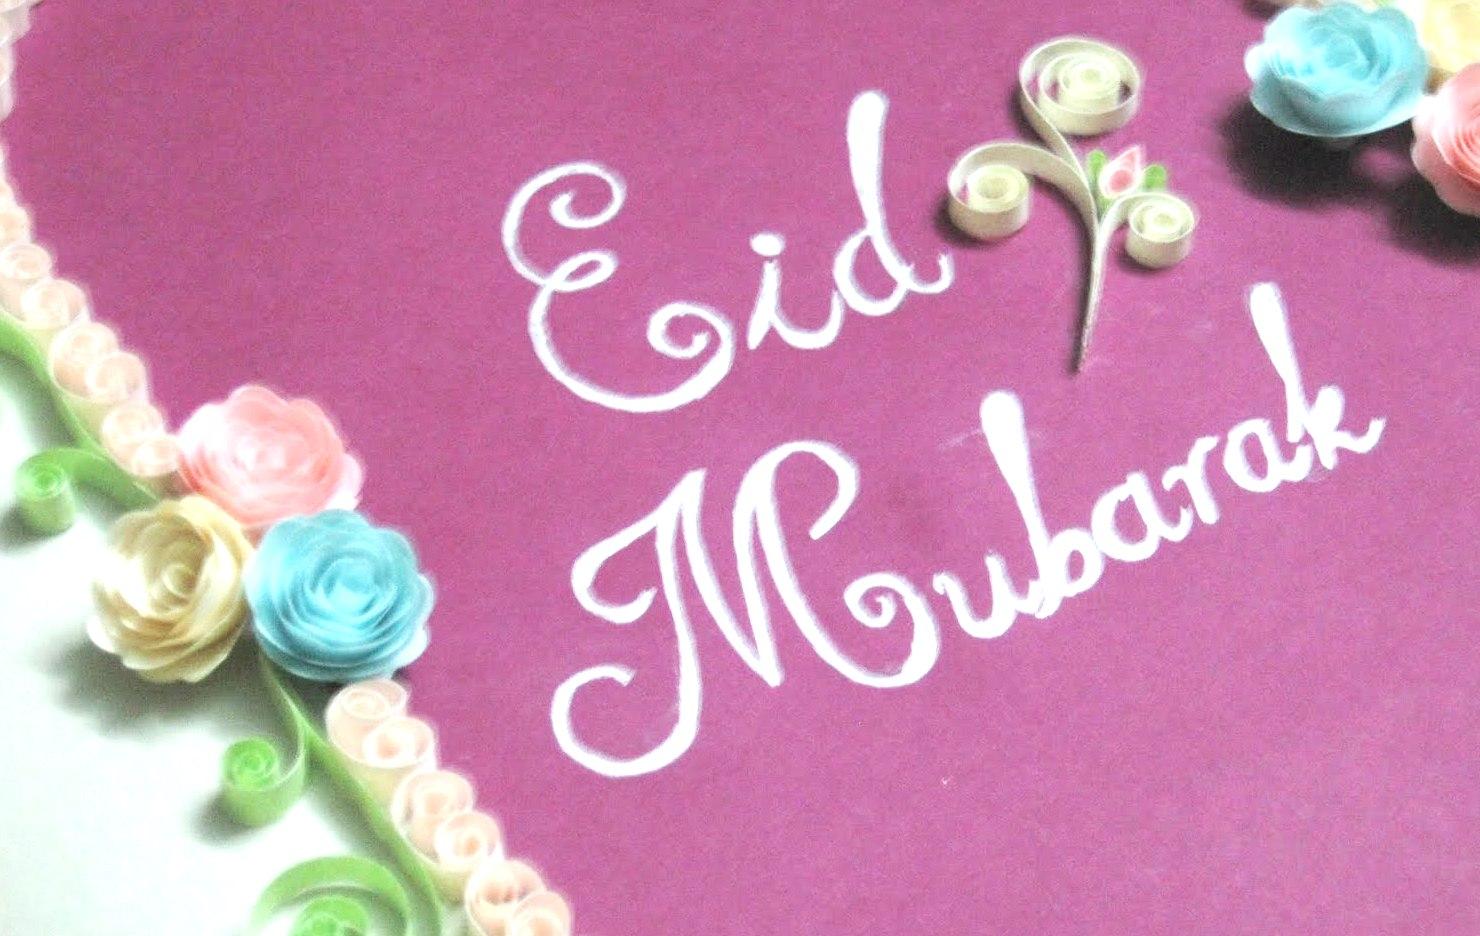 بالصور اجمل صور للعيد , بطاقات تهنئه للاعياد 2797 4